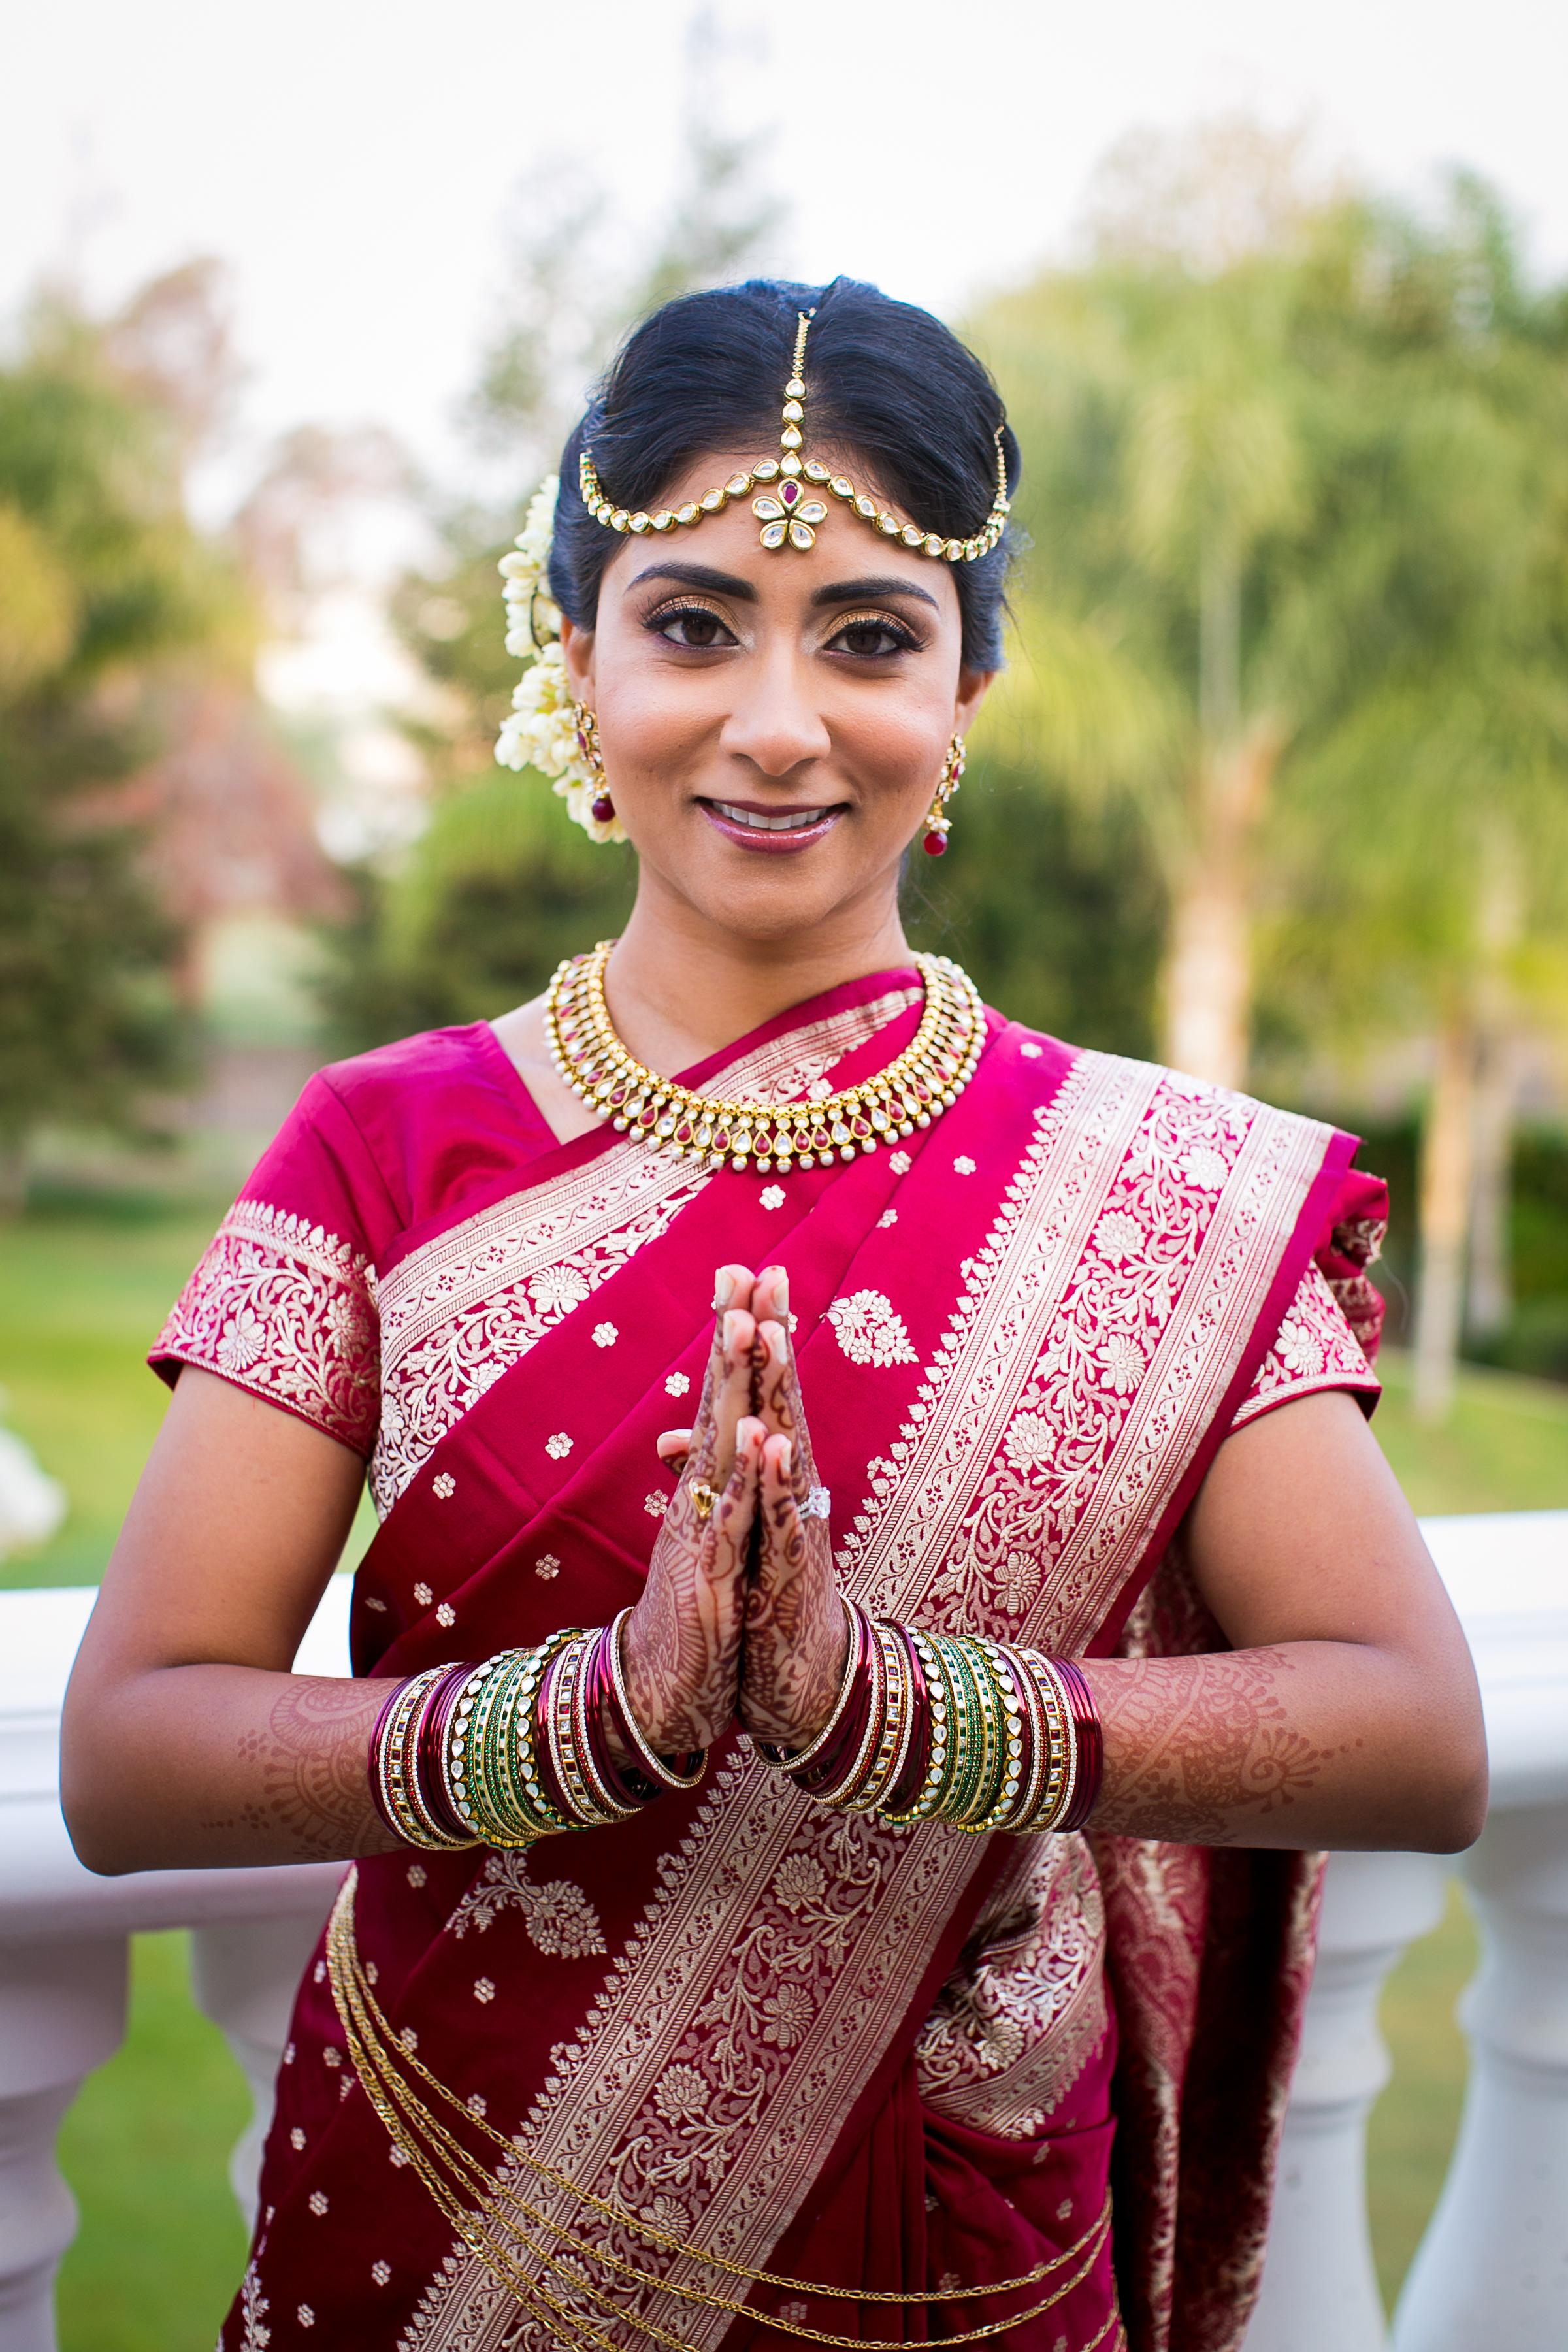 Bride Wearing Tikka And Bindi Gajra Sari For Hindu Smiling Red